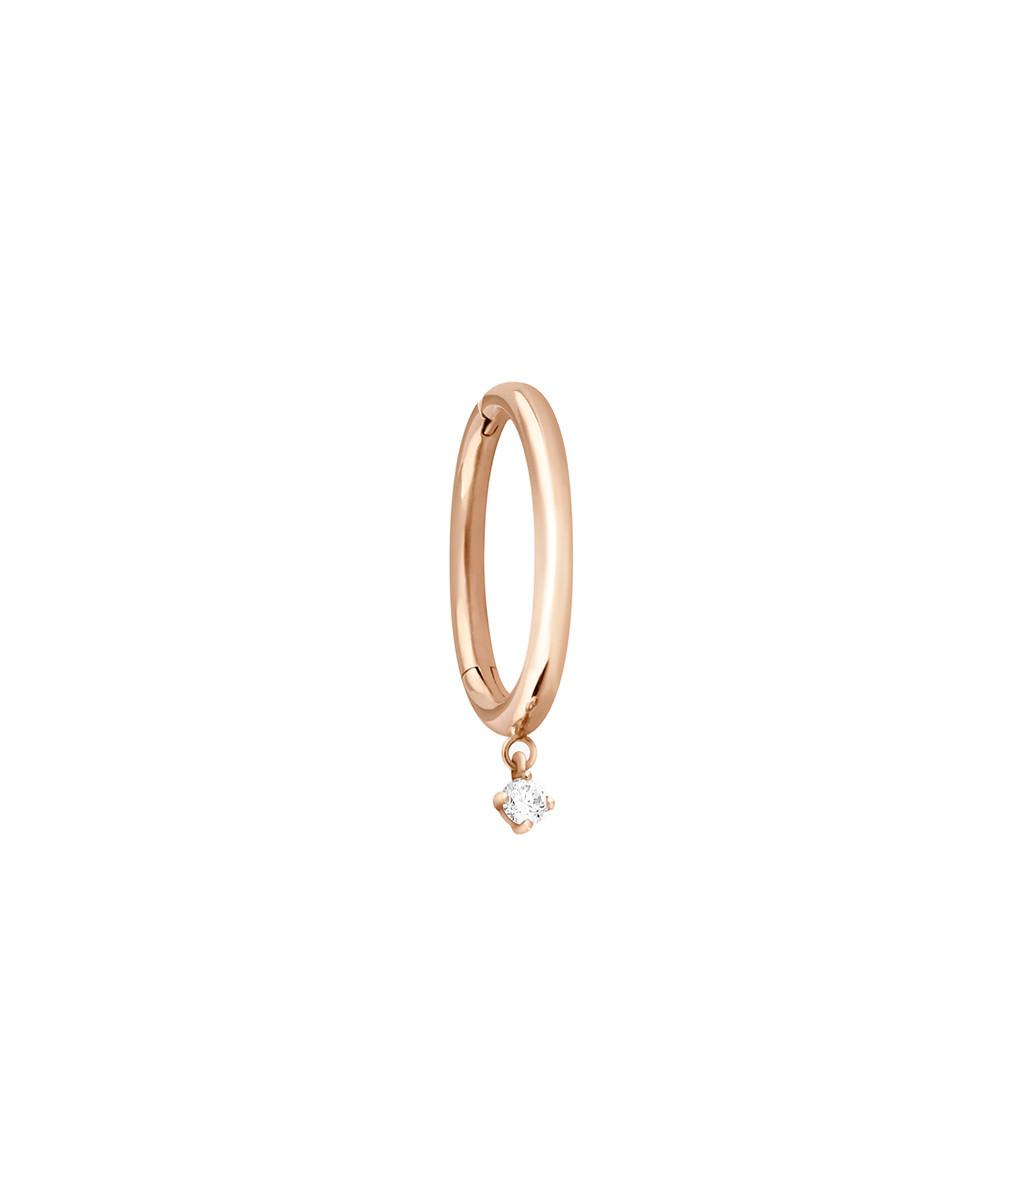 VANRYCKE - Créole Stardust M Or Rose Diamant (vendue à l'unité)